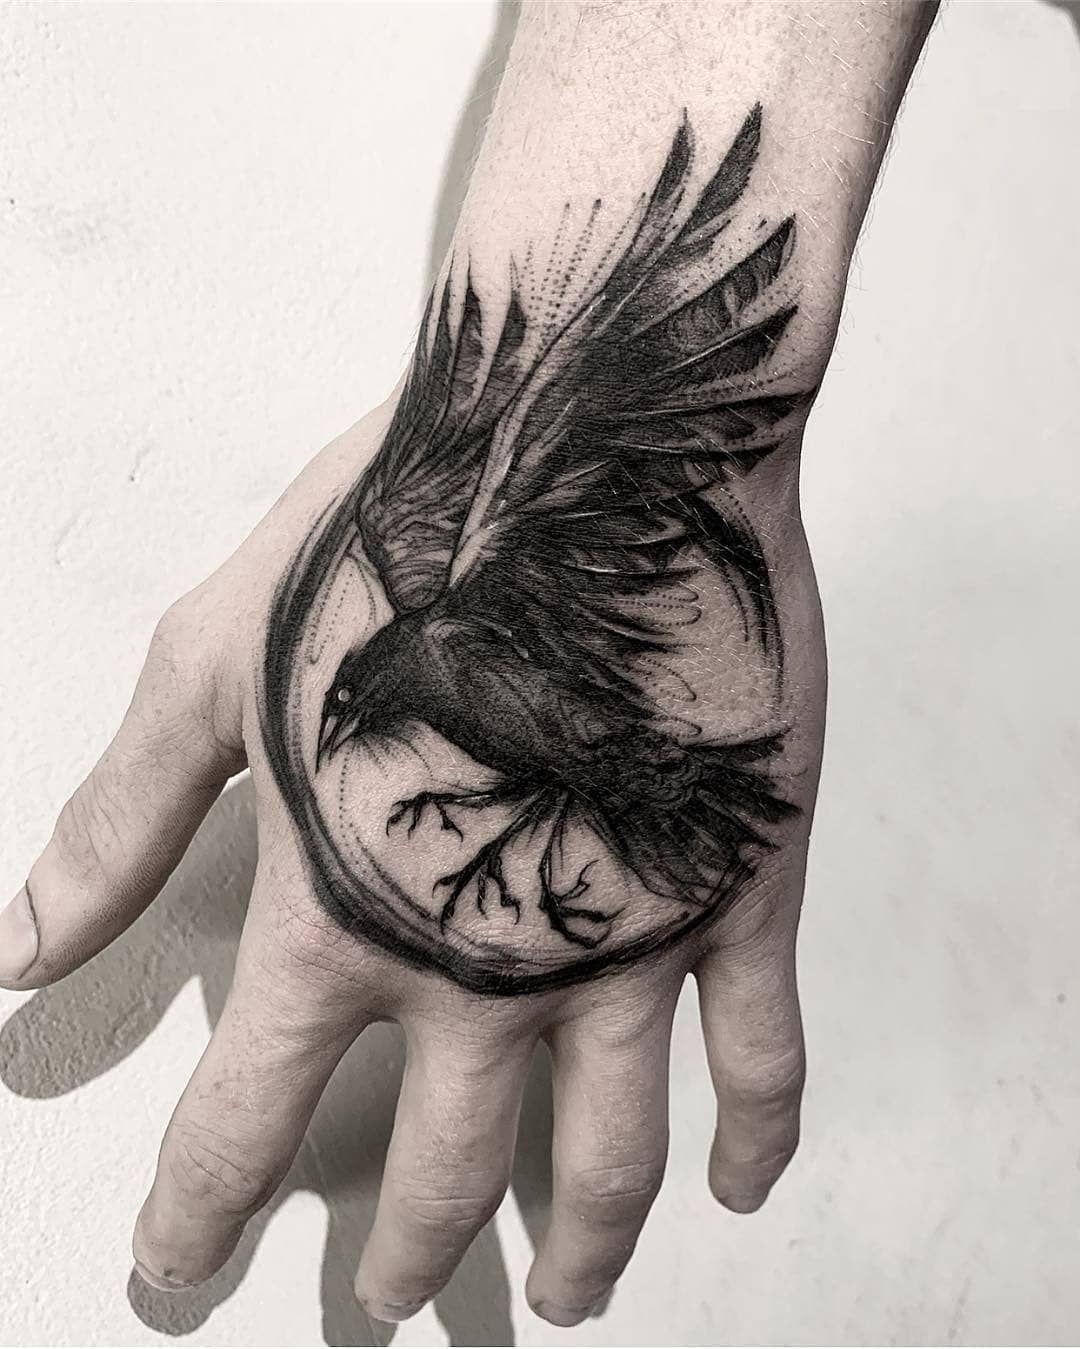 New Tattoo 2020 bk_tattooer  | Tattoo Ideas 2019   2020 | Tattoos, Hand tattoos